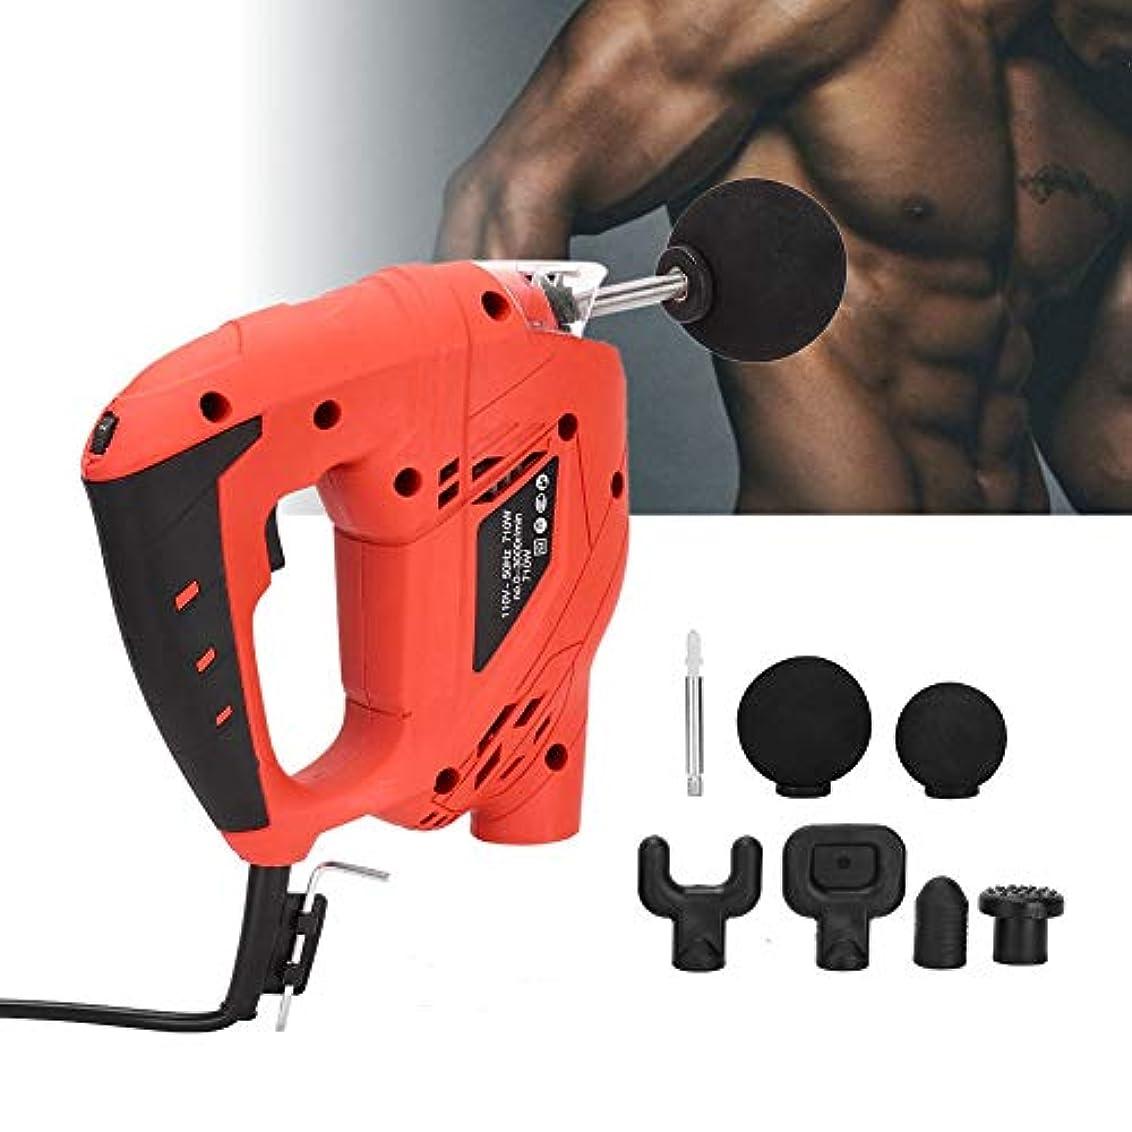 シーンクレジットノイズ筋肉マッサージ銃、調整可能な速度を備えたプロのハンドヘルド振動マッサージ装置、電動フルボディ筋肉マッサージ機器(US)